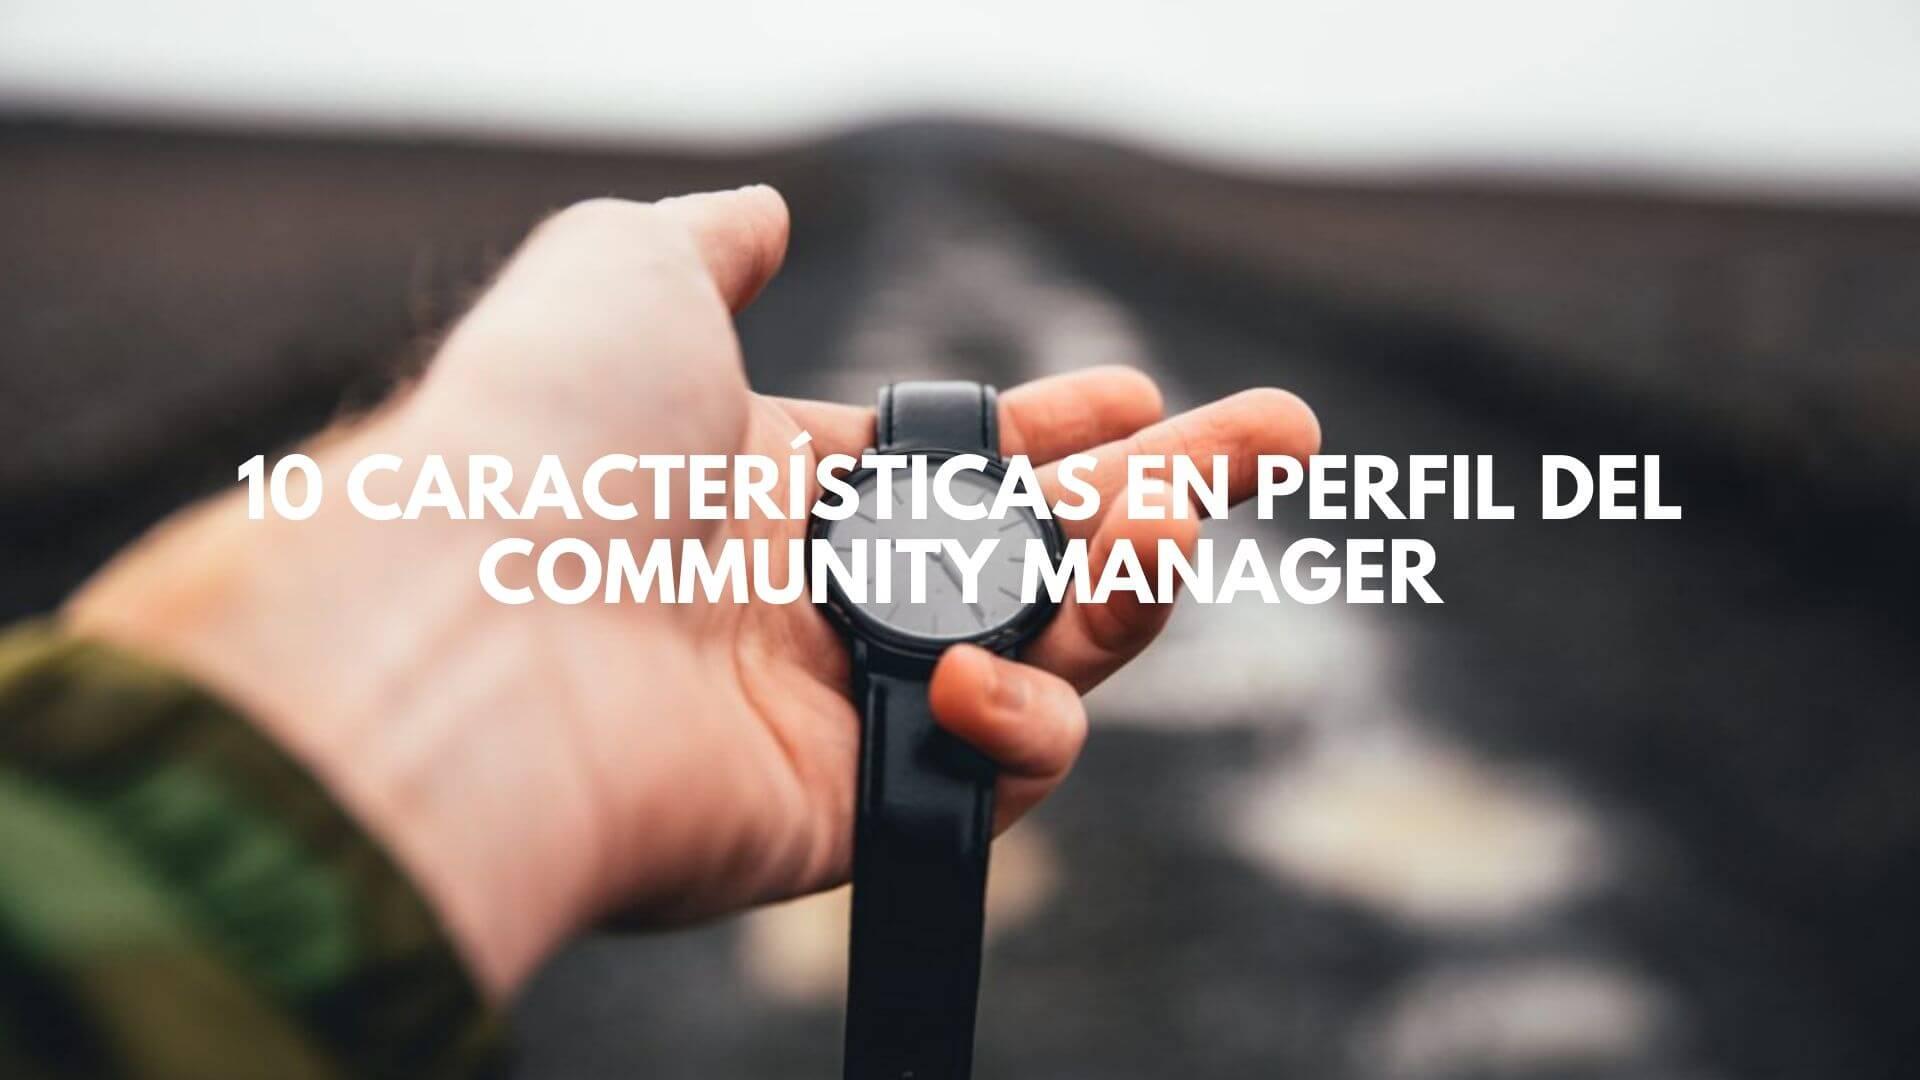 10 características en perfil del community manager